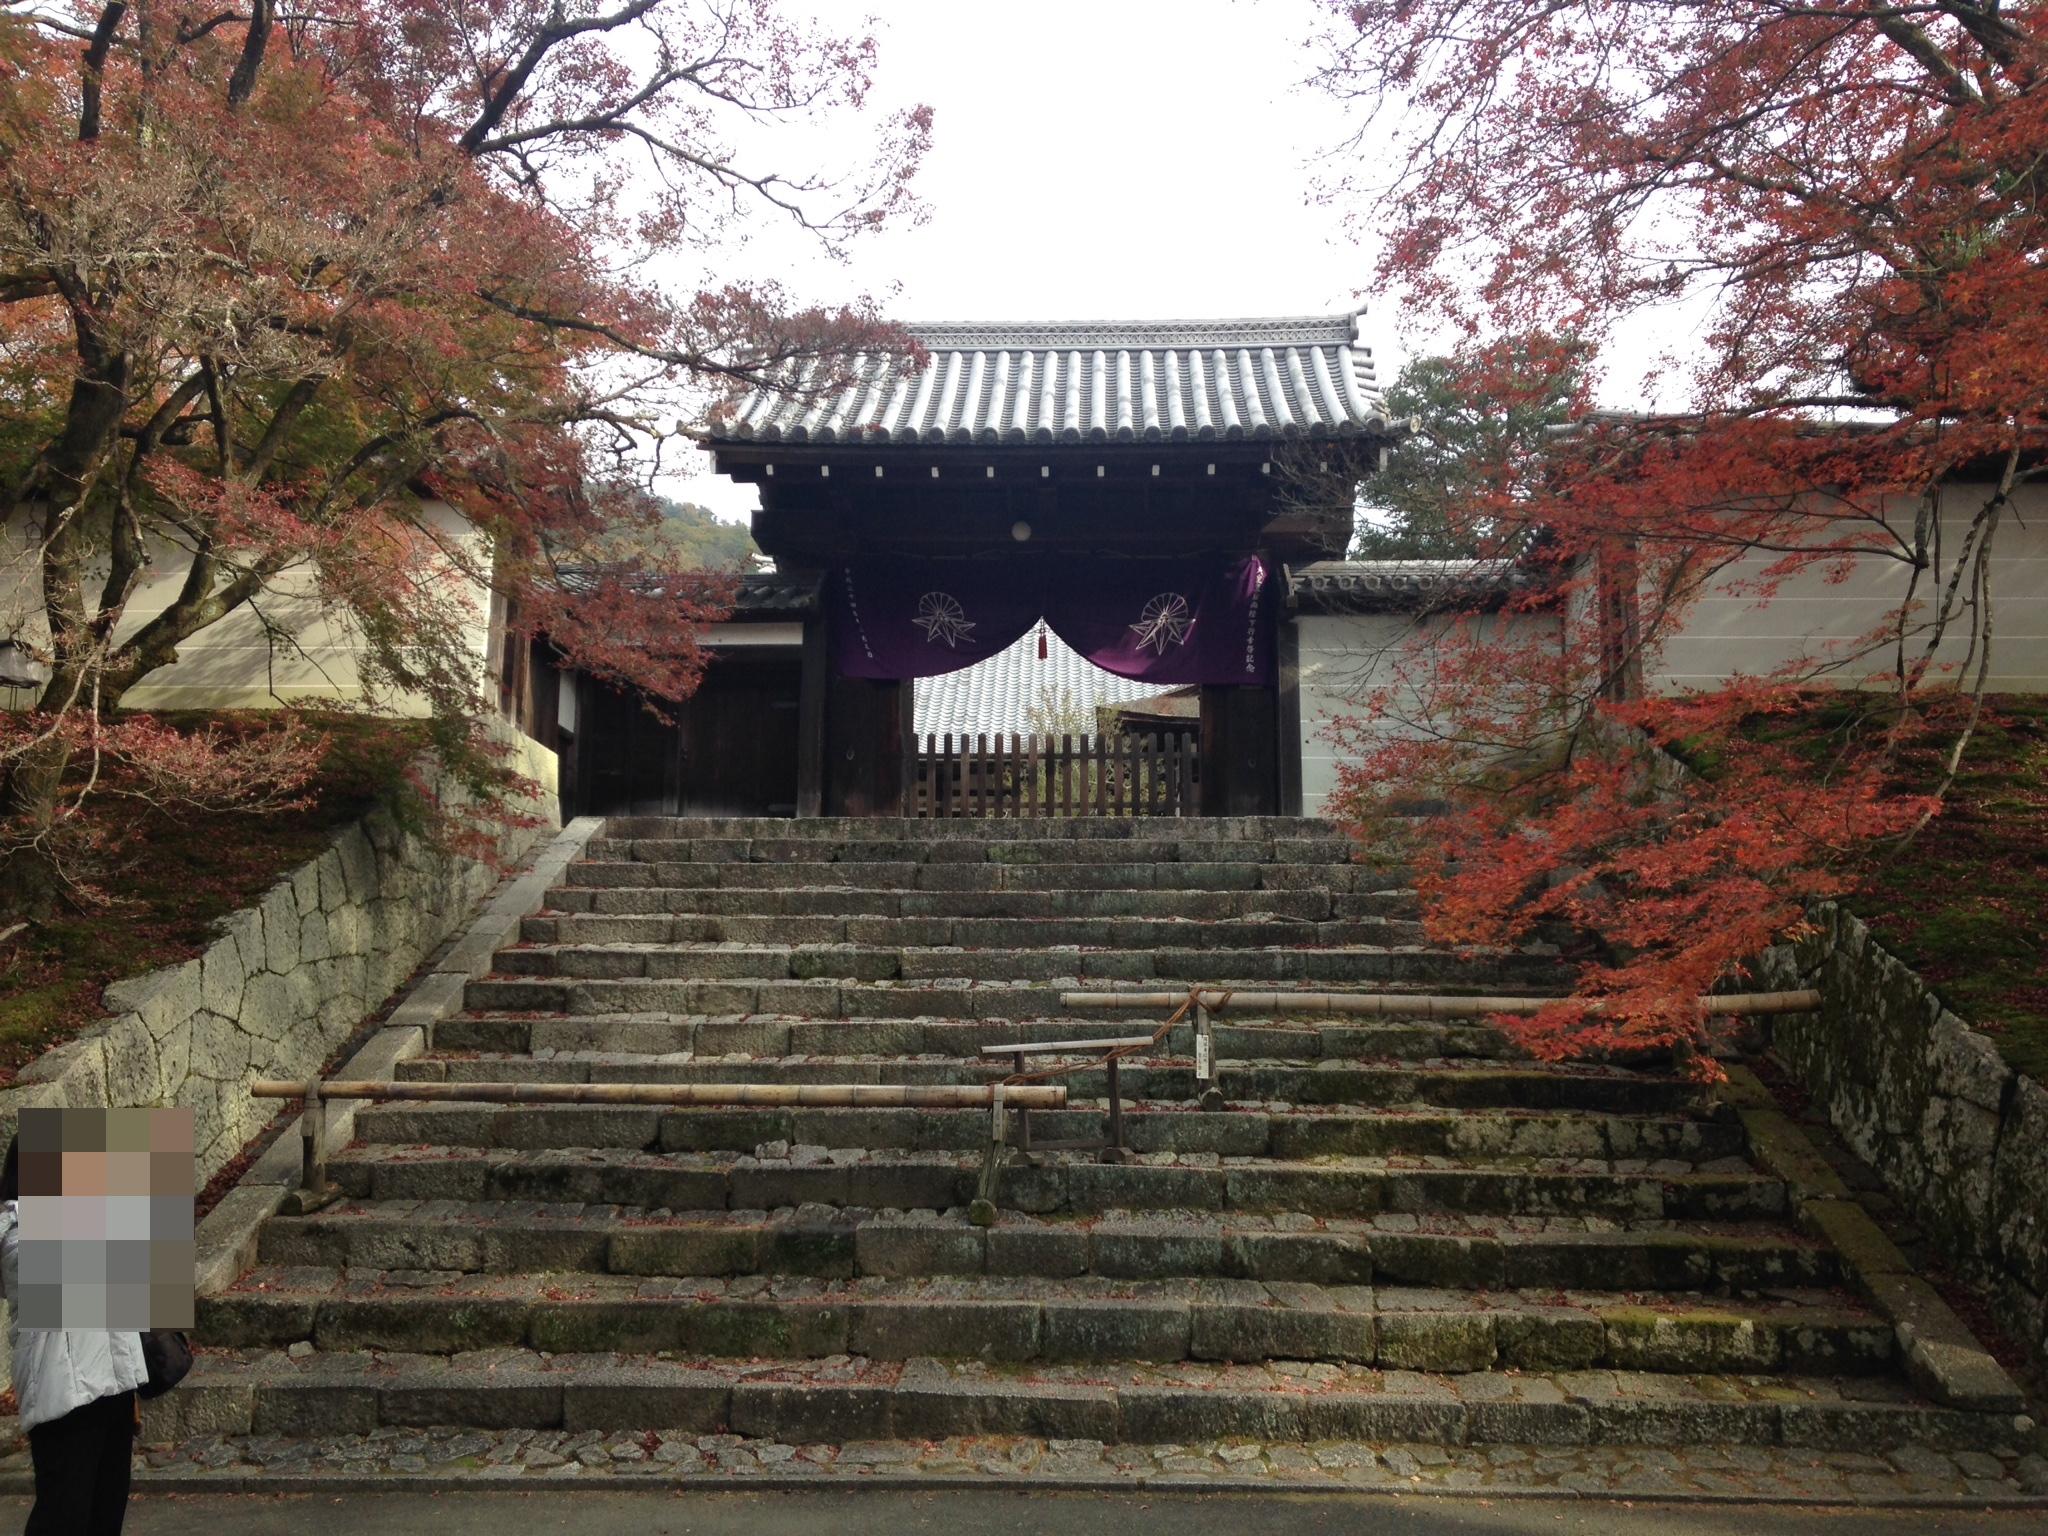 ラーメン京(みやこ)祇園本店に行ってきたよ。人数多めの三次会で行きたい!